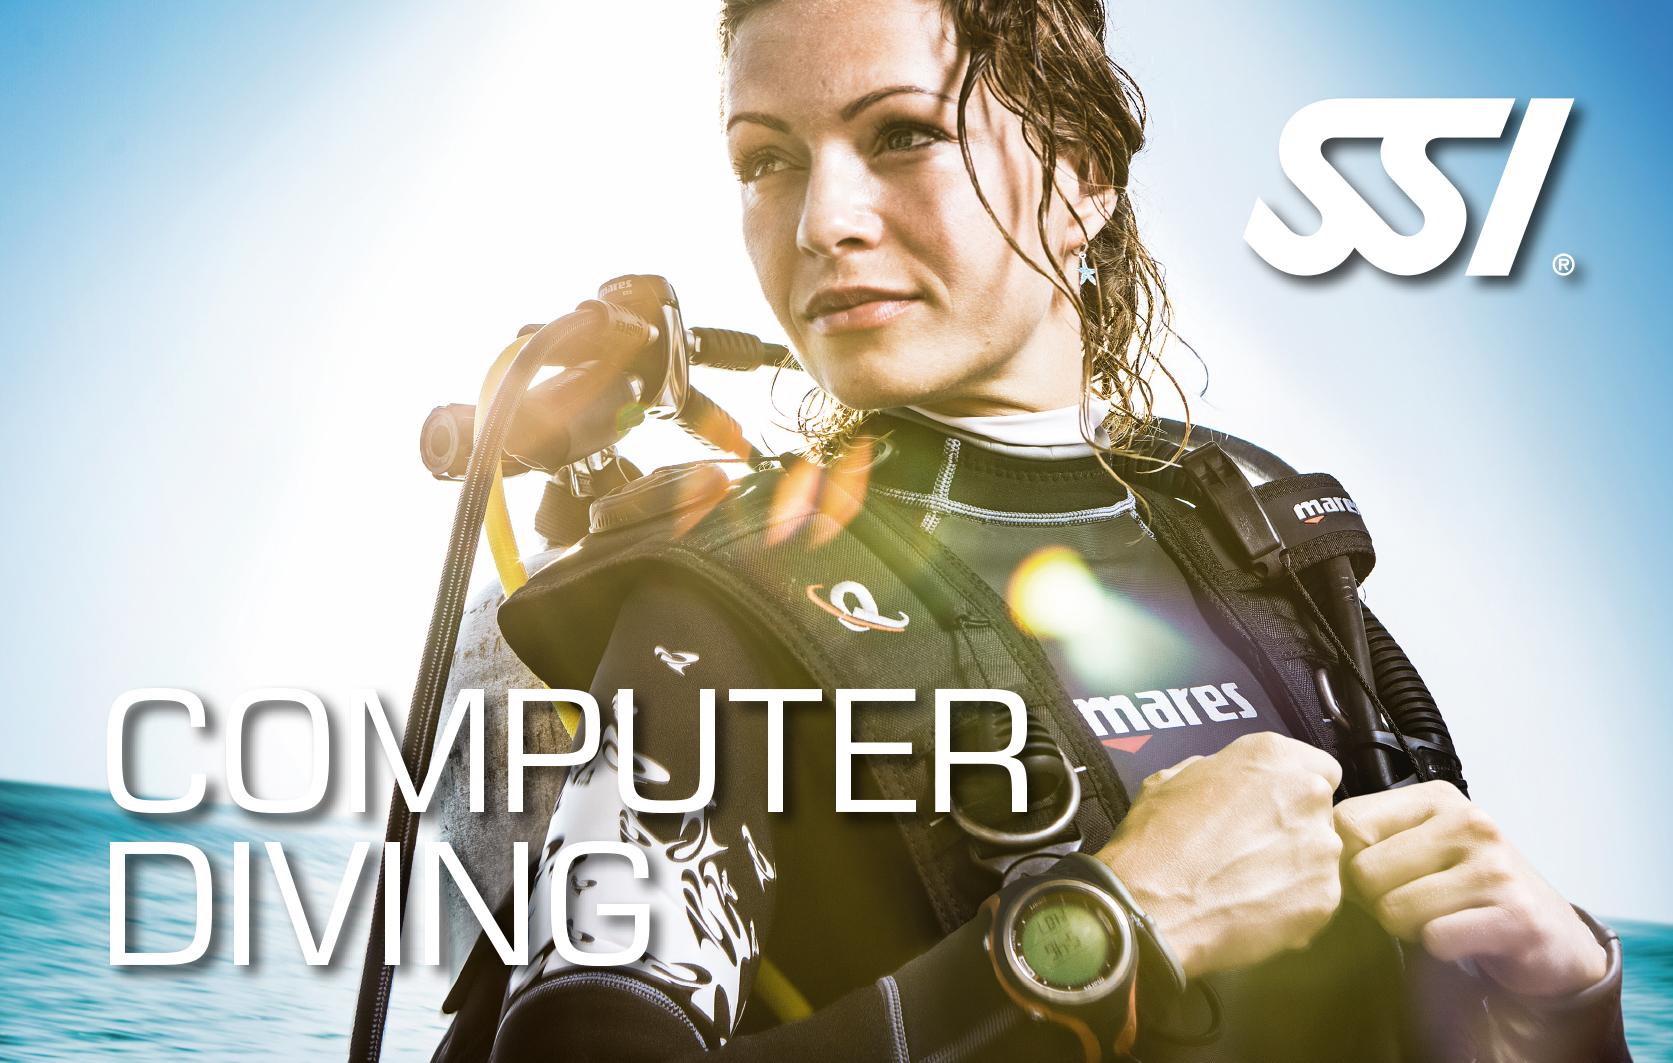 SSI Computer Diver